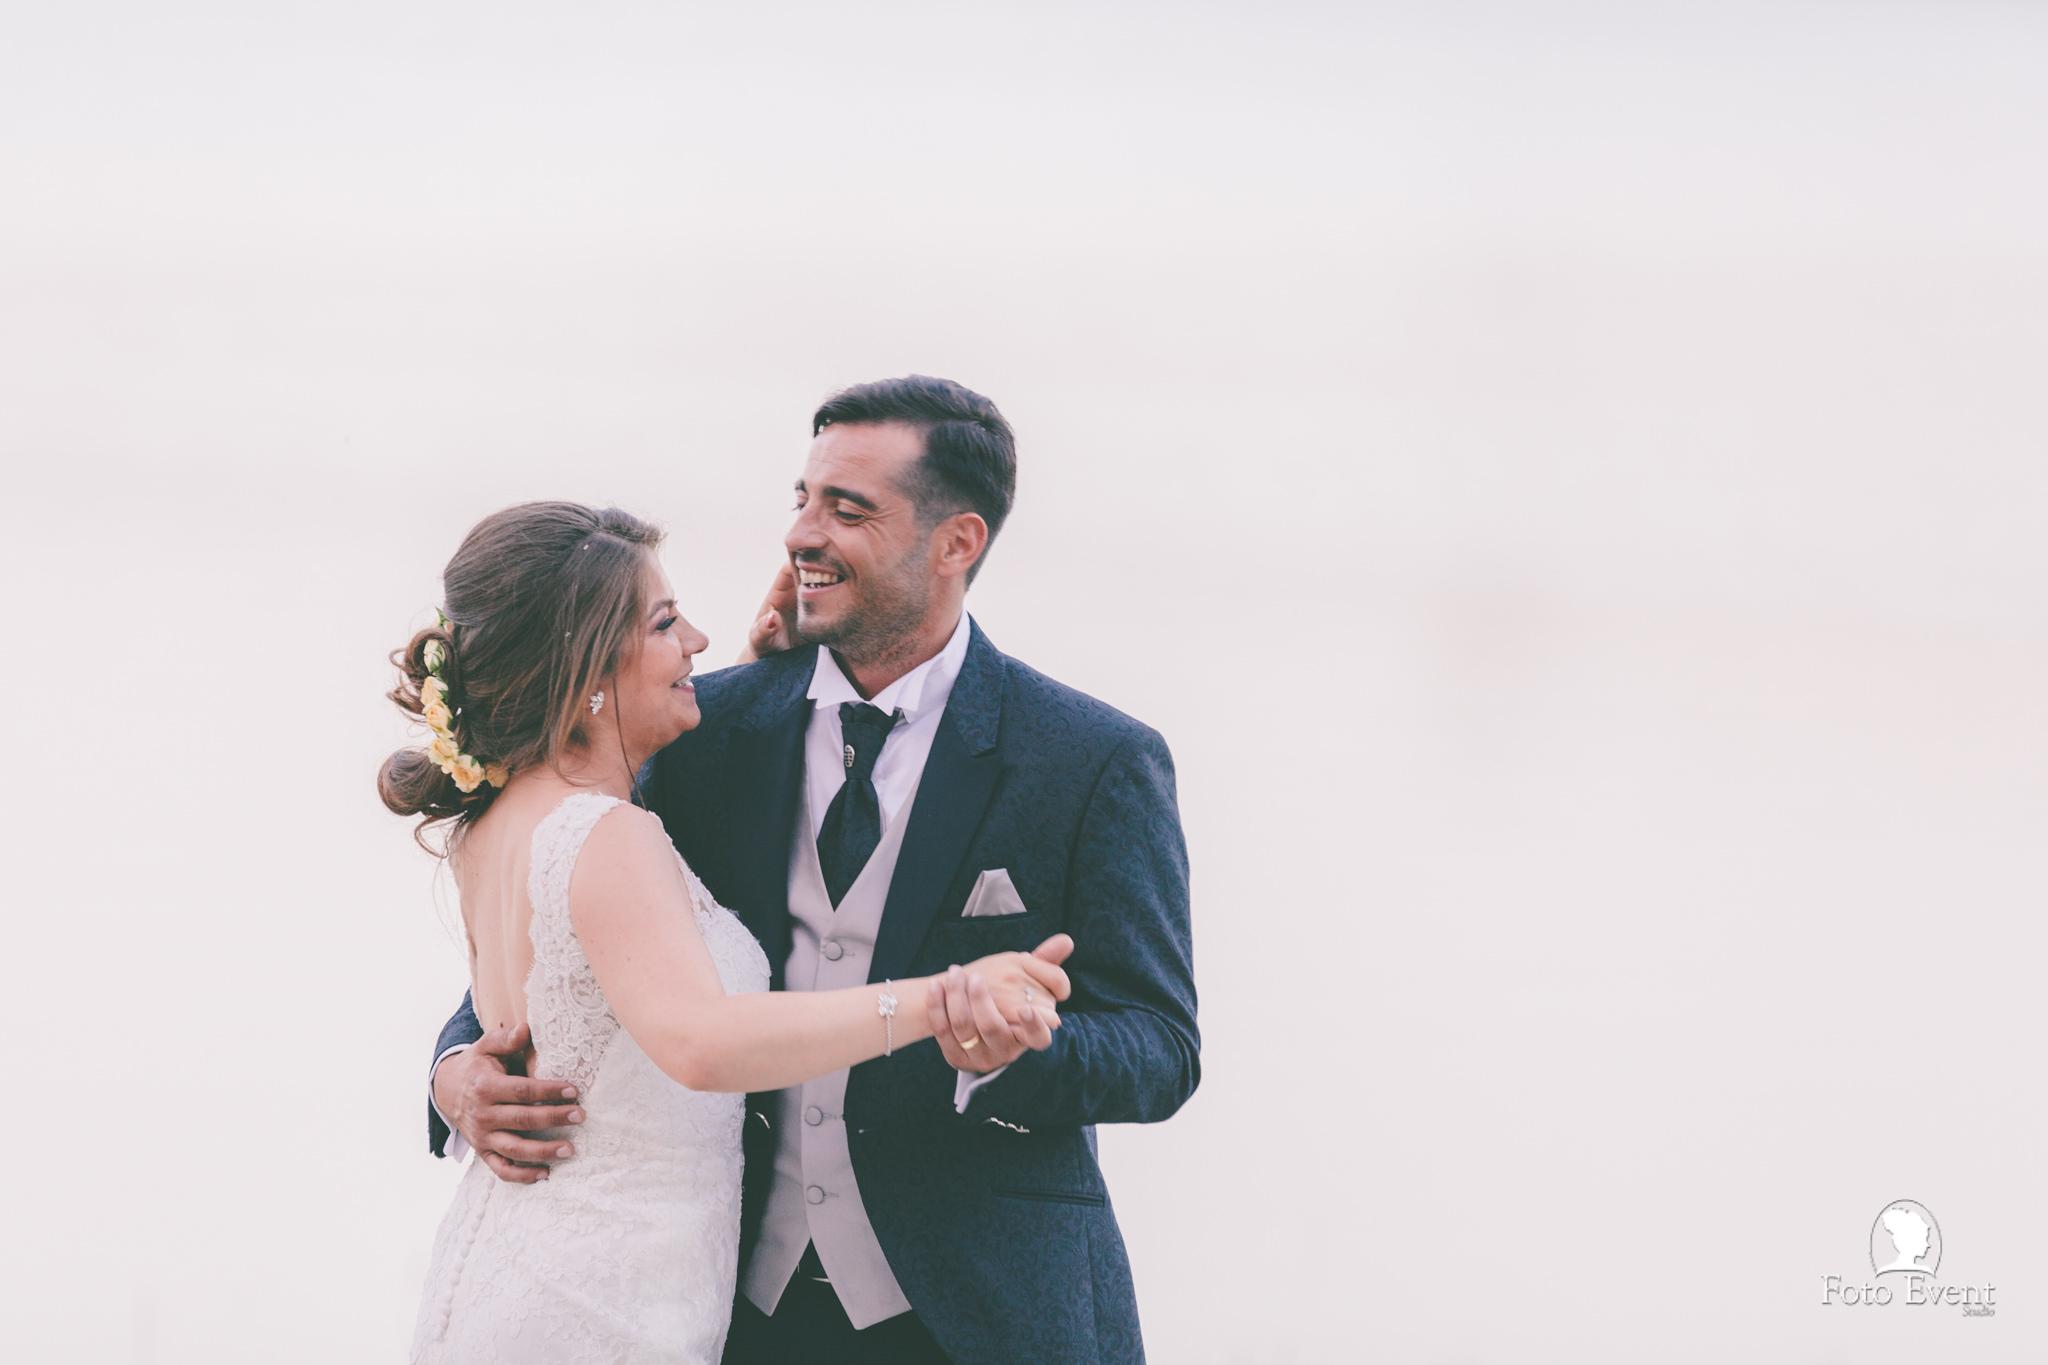 037-2019-06-12-Matrimonio-Rosa-e-Angelo-Ripellino-zoom-383